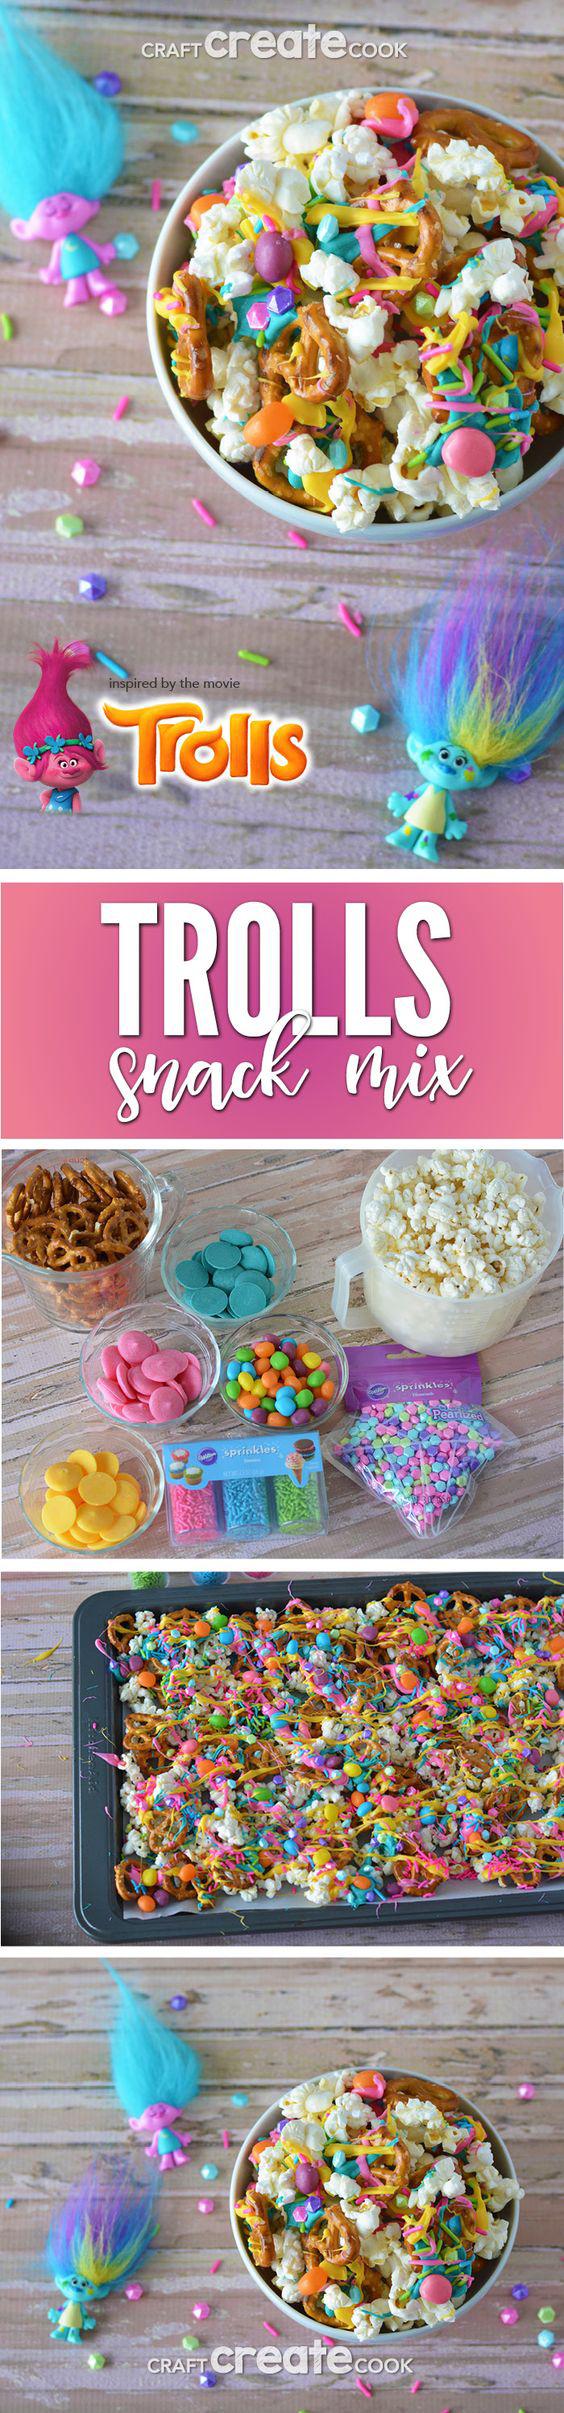 trolls snack mix